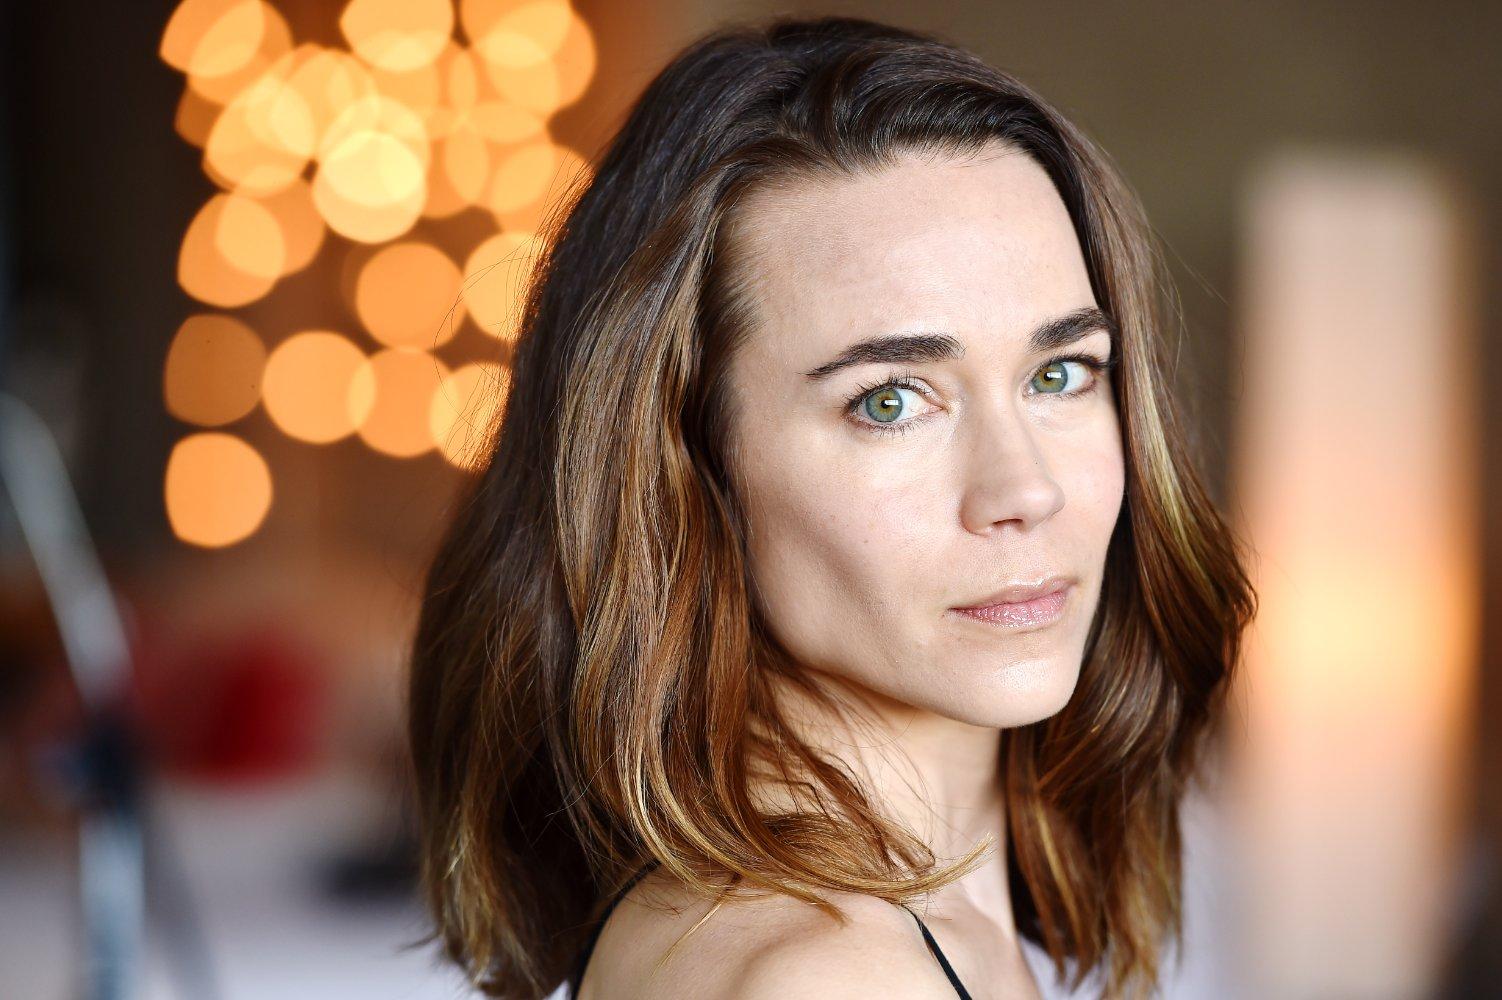 Sarah Hudson (actress)